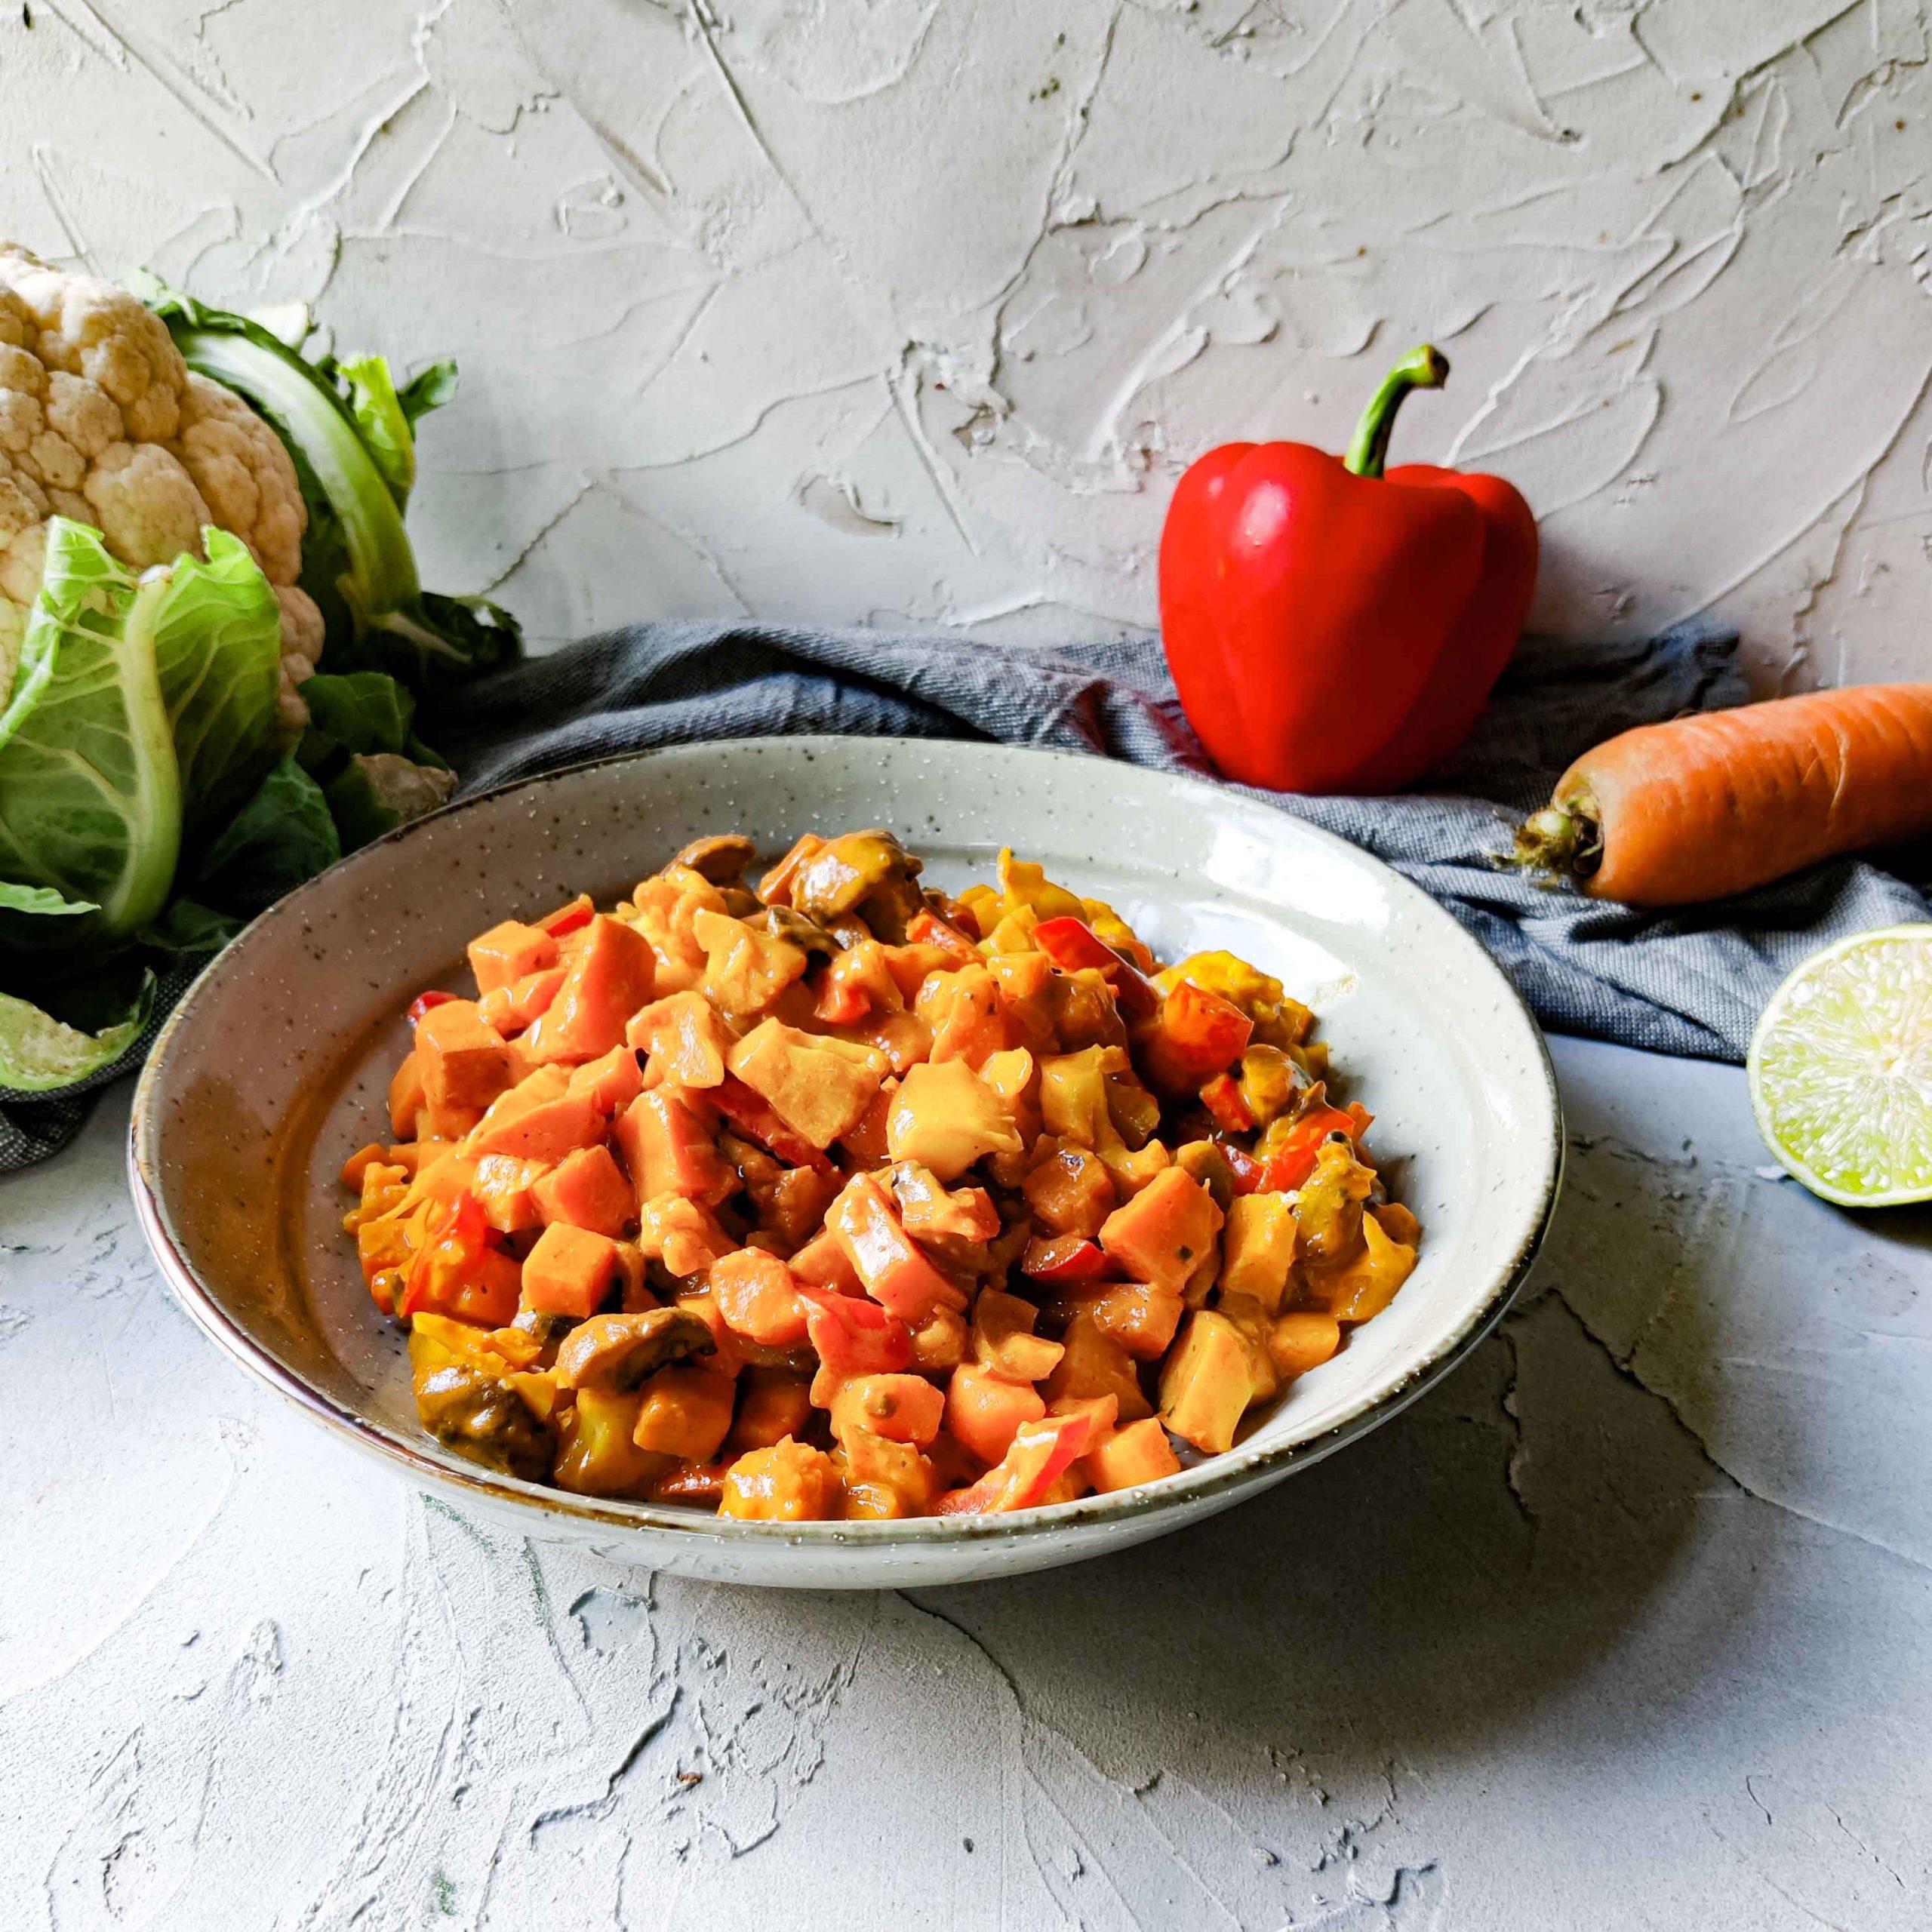 Smaakvolle vegan curry met allerlei groenten